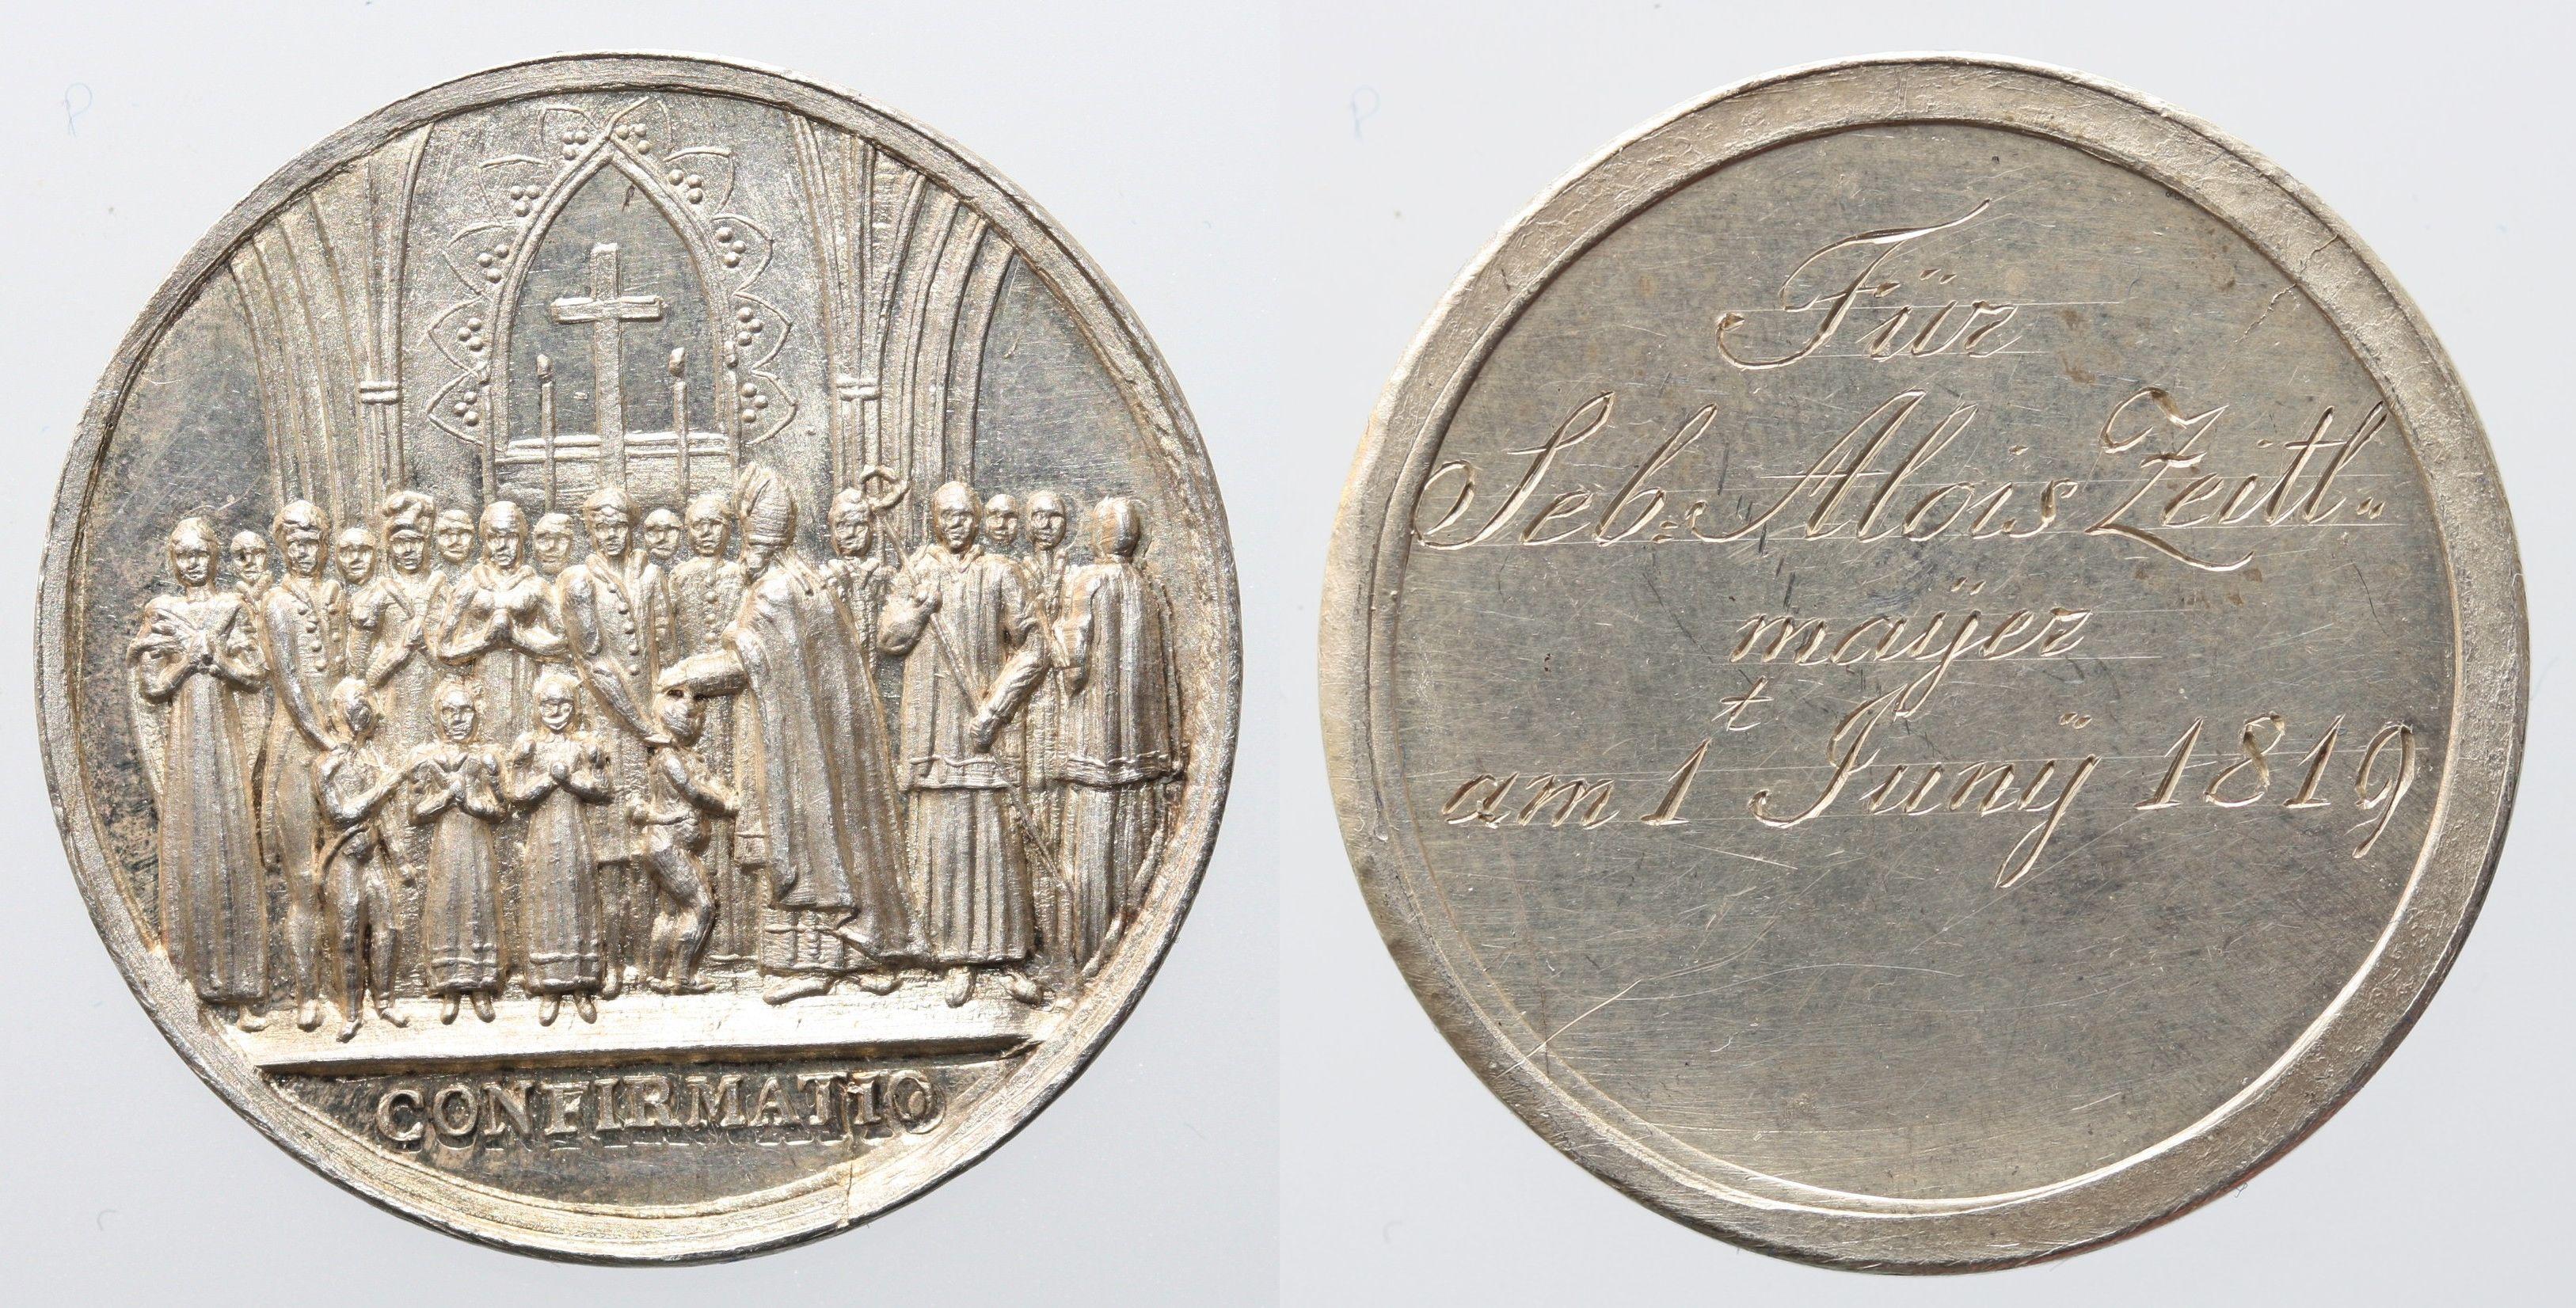 Firmmedaille verwendet in Salzburg 1819